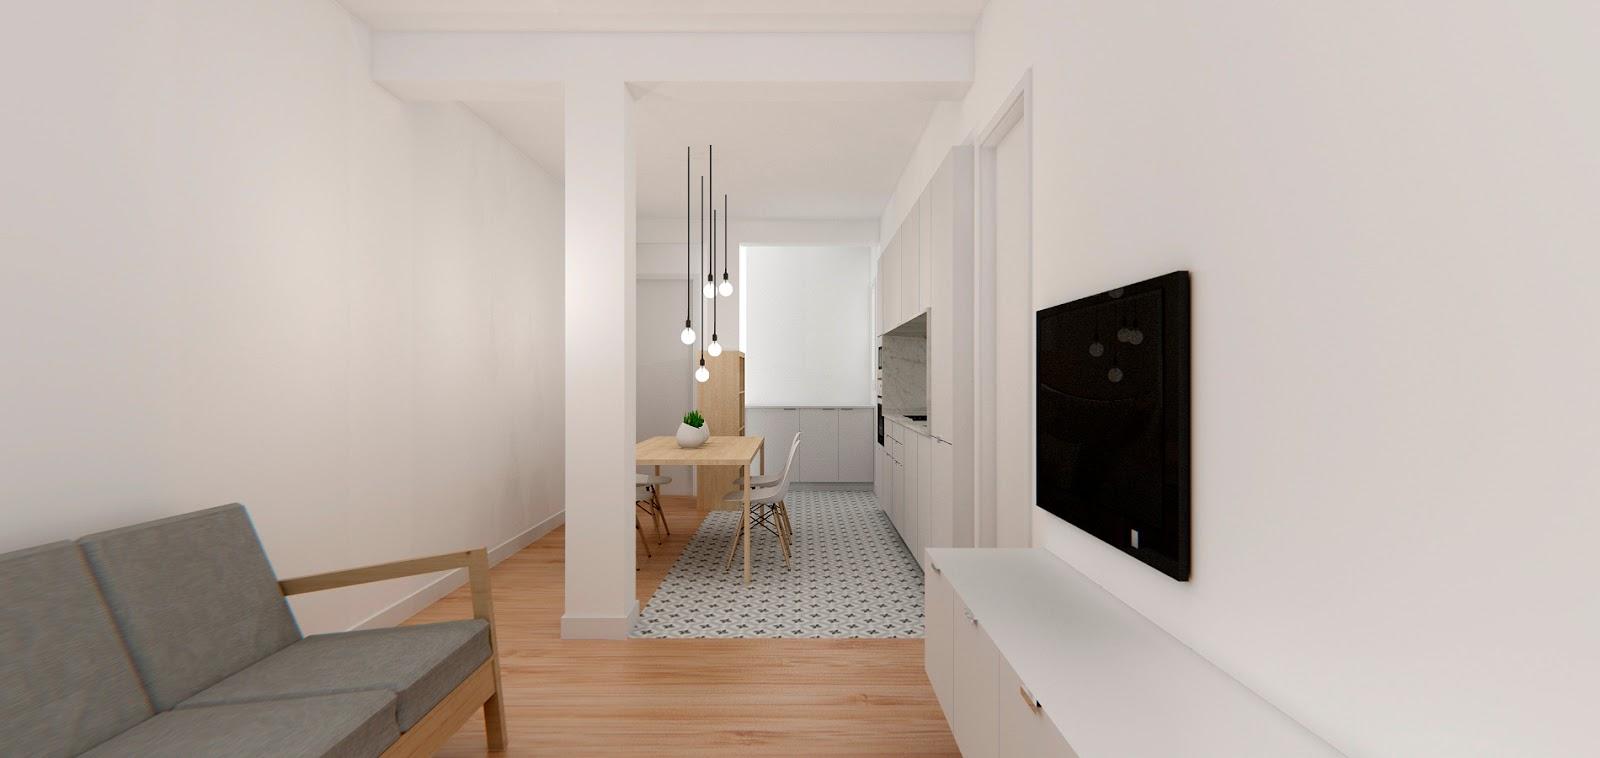 Reforma de apartamento en valencia dg arquitecto valencia - Reforma piso pequeno ...